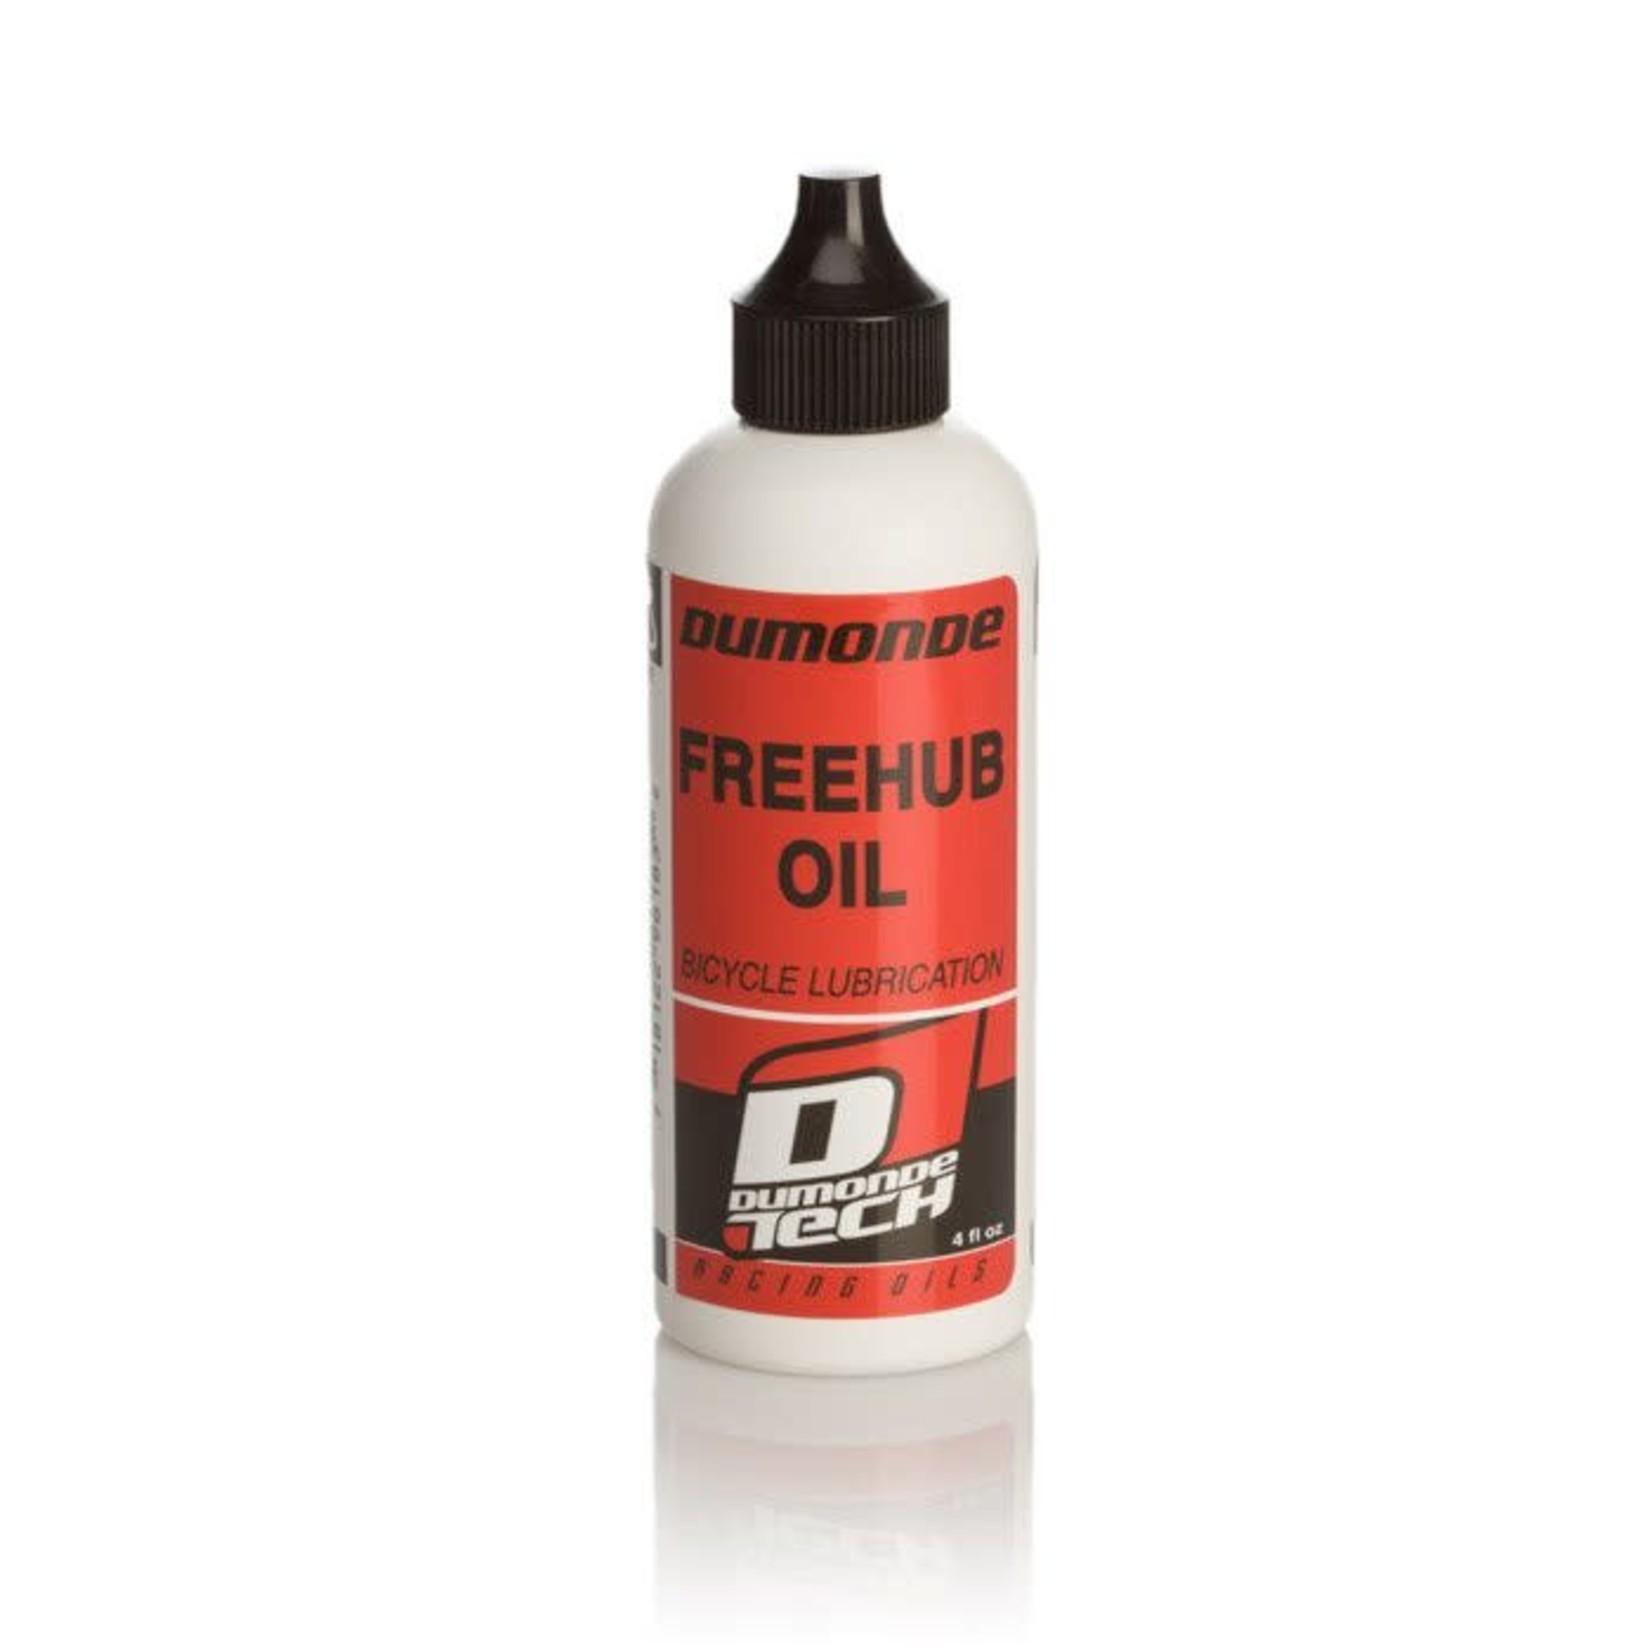 Dumonde Tech Dumonde Tech - Freehub Oil 4oz